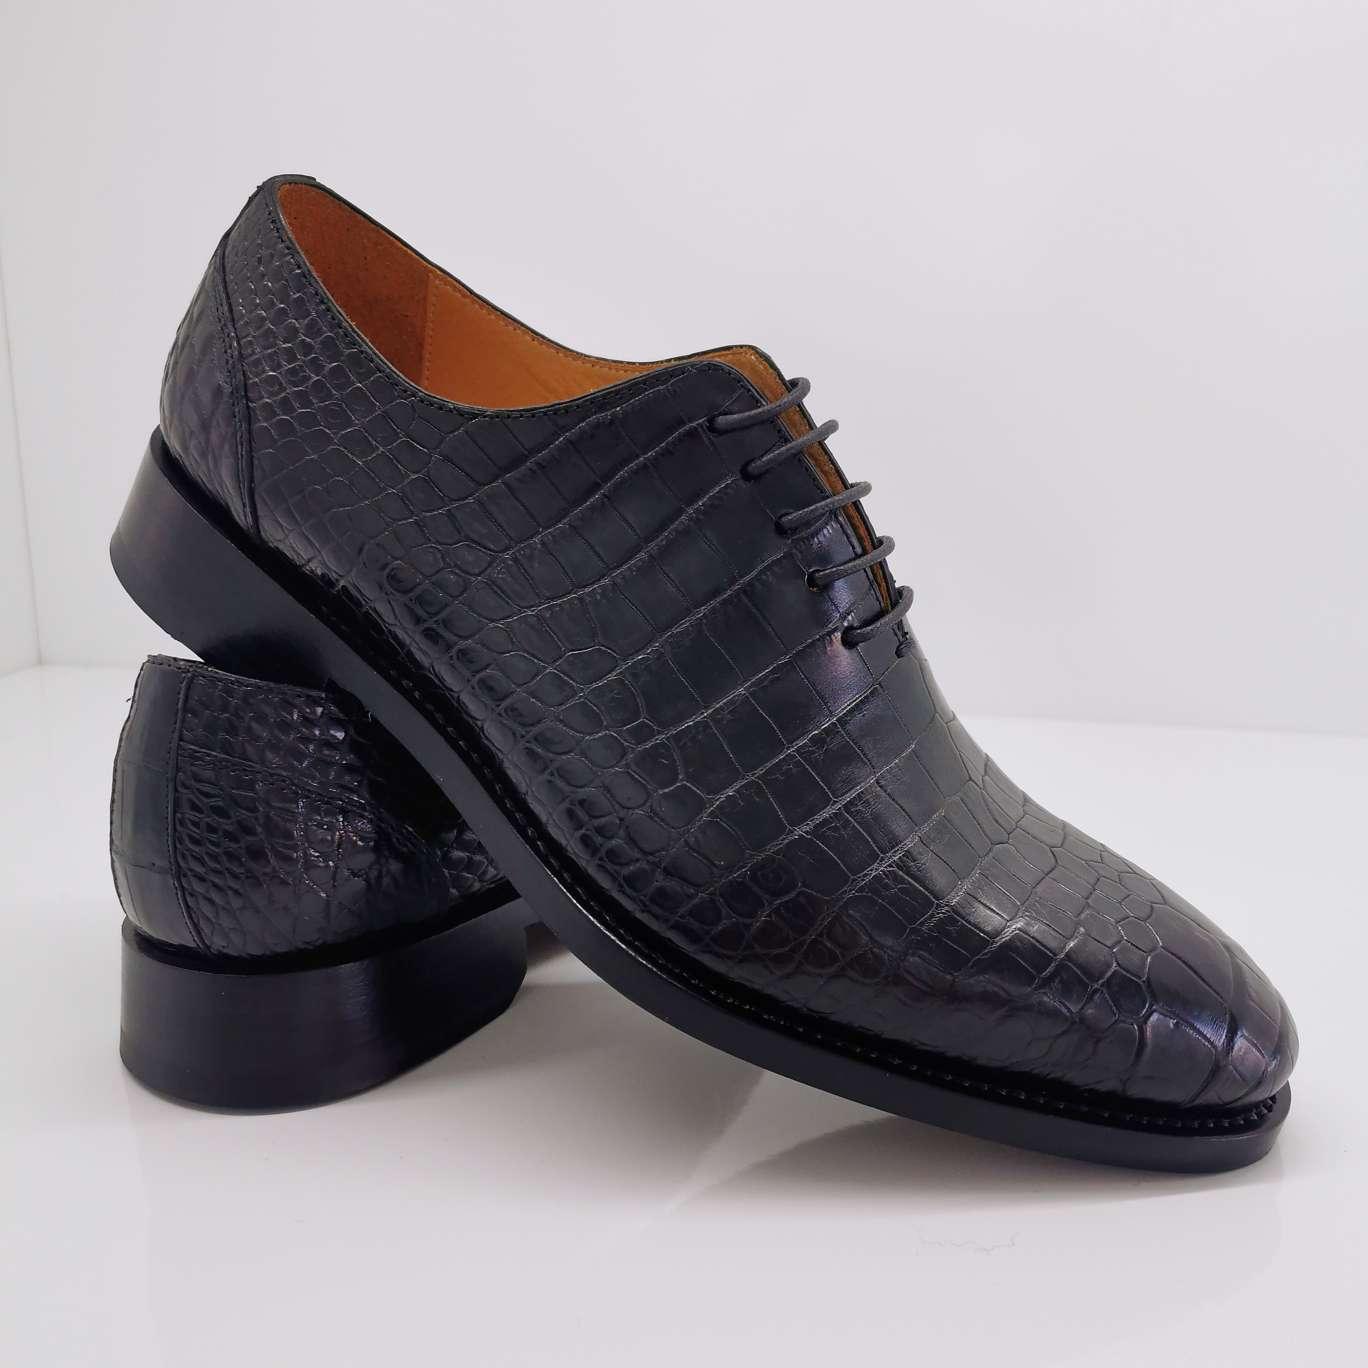 鳄鱼皮男士皮鞋